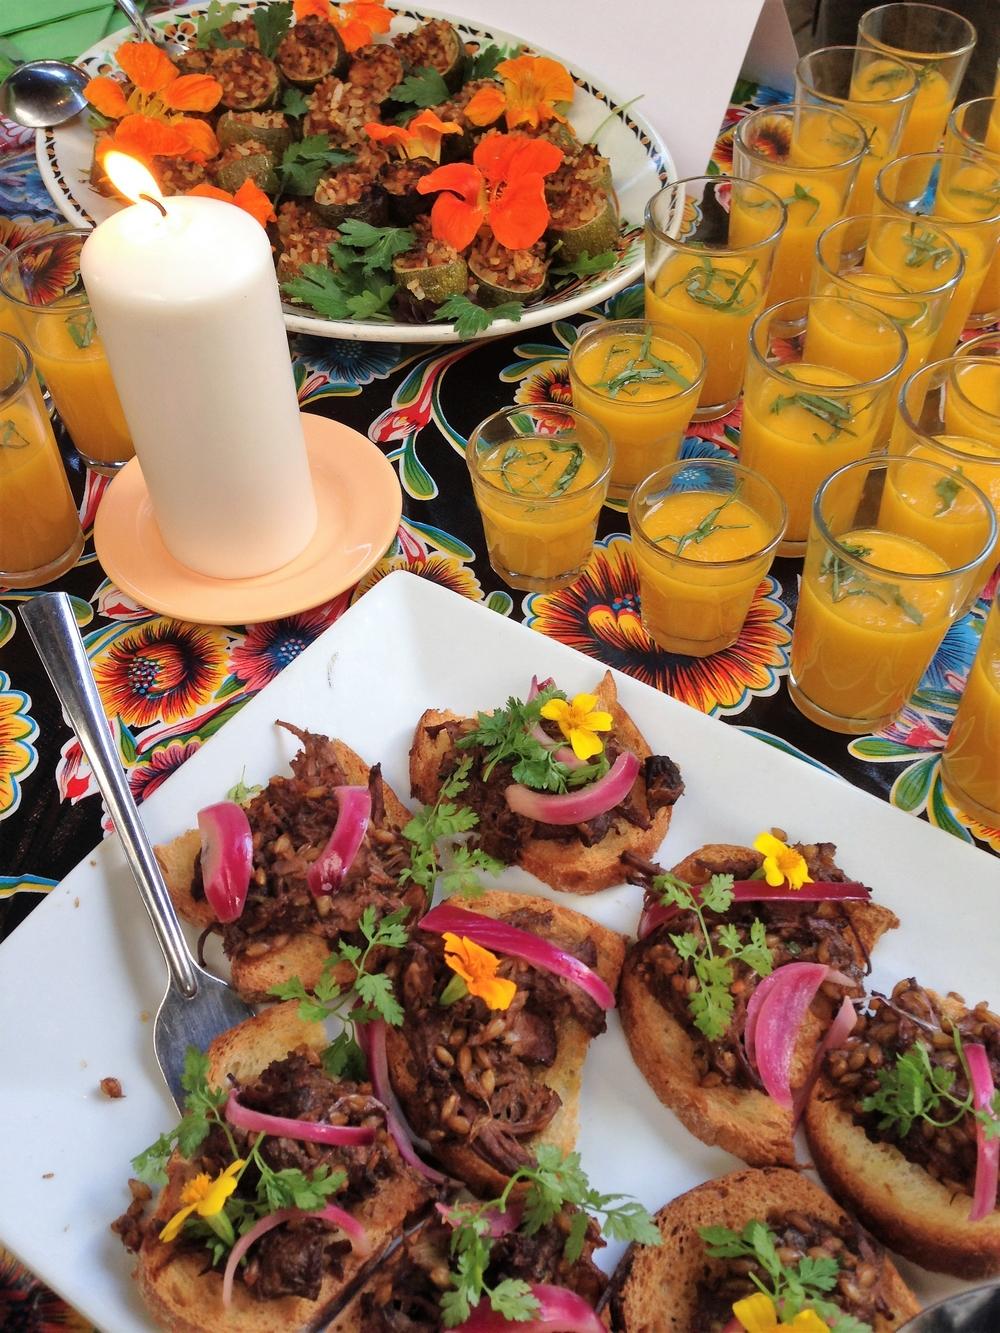 Mangez Buvez - Les adresses fantastiques de ma Cigale - Bons Plans